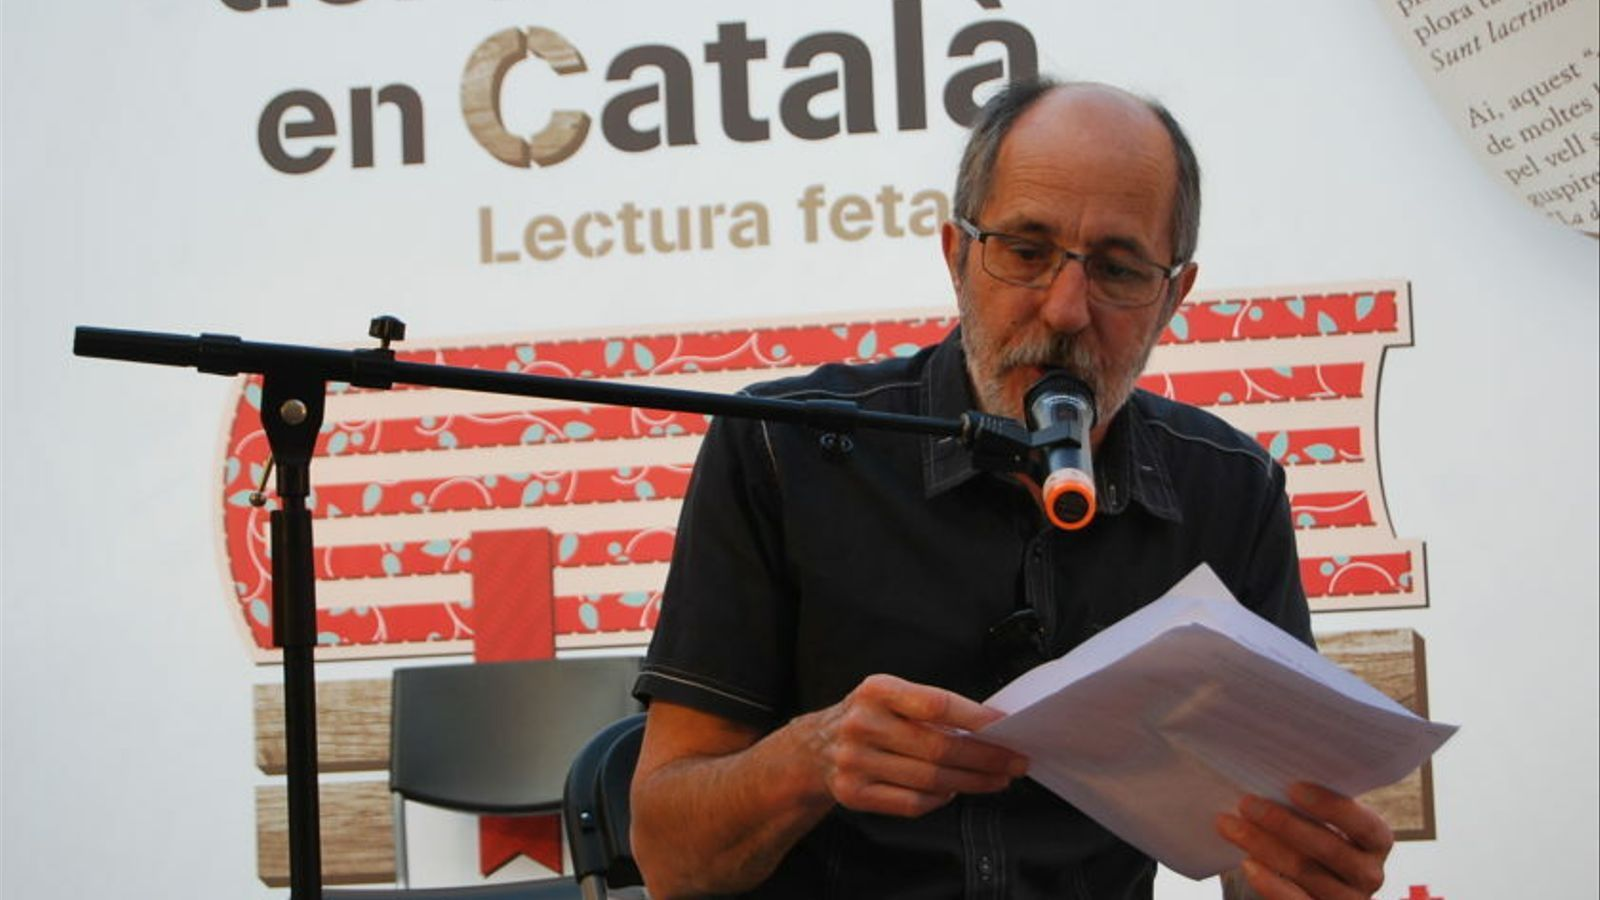 Josep Maria Aloy, escriptor i crític de literatura i infantil i juvenil